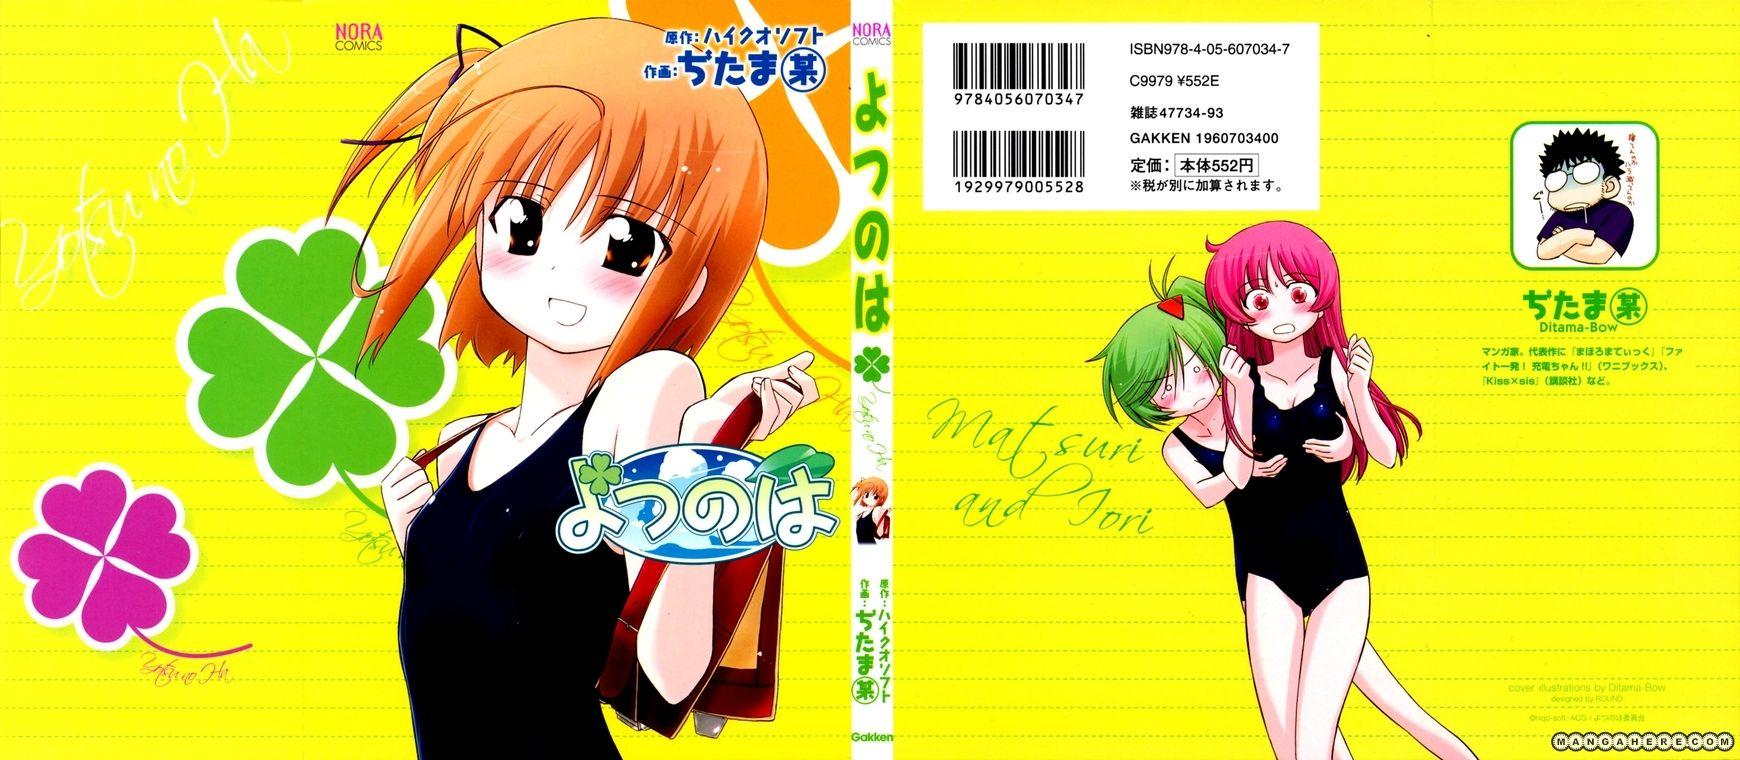 Yotsunoha 1 Page 2